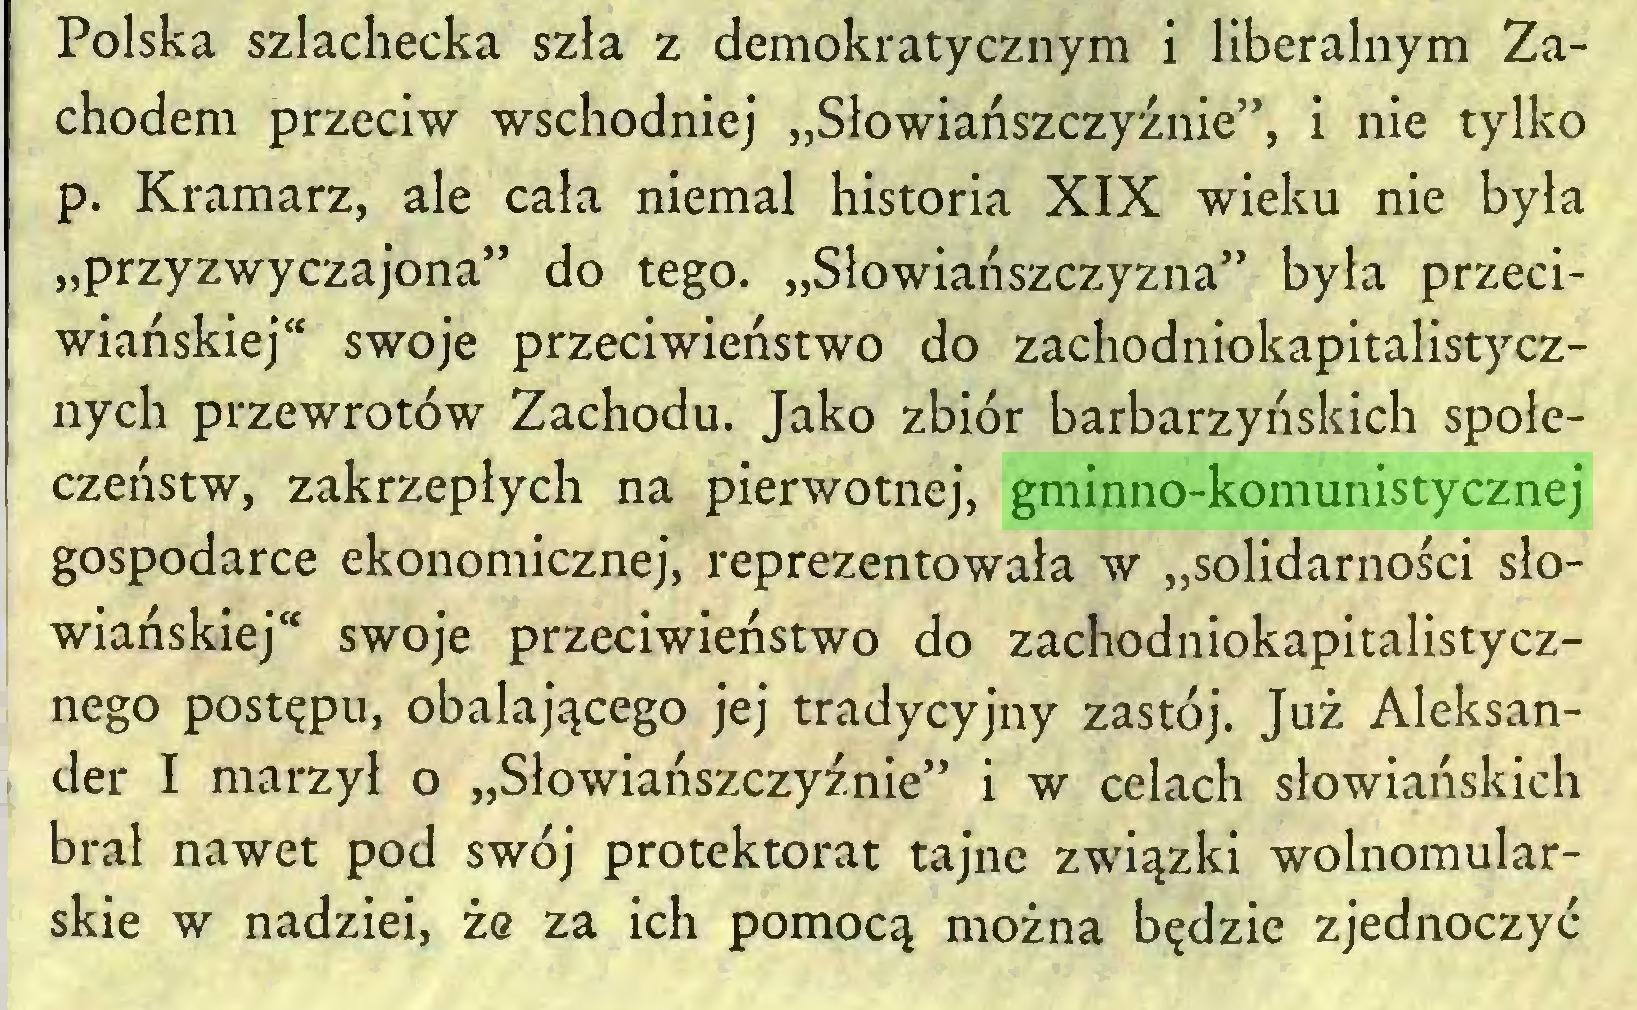 """(...) Polska szlachecka szła z demokratycznym i liberalnym Zachodem przeciw wschodniej """"Słowiańszczyźnie"""", i nie tylko p. Kramarz, ale cała niemal historia XIX wieku nie była """"przyzwyczajona"""" do tego. """"Słowiańszczyzna"""" była przeciwiańskiej"""" swoje przeciwieństwo do zachodniokapitalistycznych przewrotów Zachodu. Jako zbiór barbarzyńskich społeczeństw, zakrzepłych na pierwotnej, gminno-komunistycznej gospodarce ekonomicznej, reprezentowała w """"solidarności słowiańskiej"""" swoje przeciwieństwo do zachodniokapitalistycznego postępu, obalającego jej tradycyjny zastój. Już Aleksander I marzył o """"Słowiańszczyźnie"""" i w celach słowiańskich brał nawet pod swój protektorat tajne związki wolnomularskie w nadziei, że za ich pomocą można będzie zjednoczyć..."""